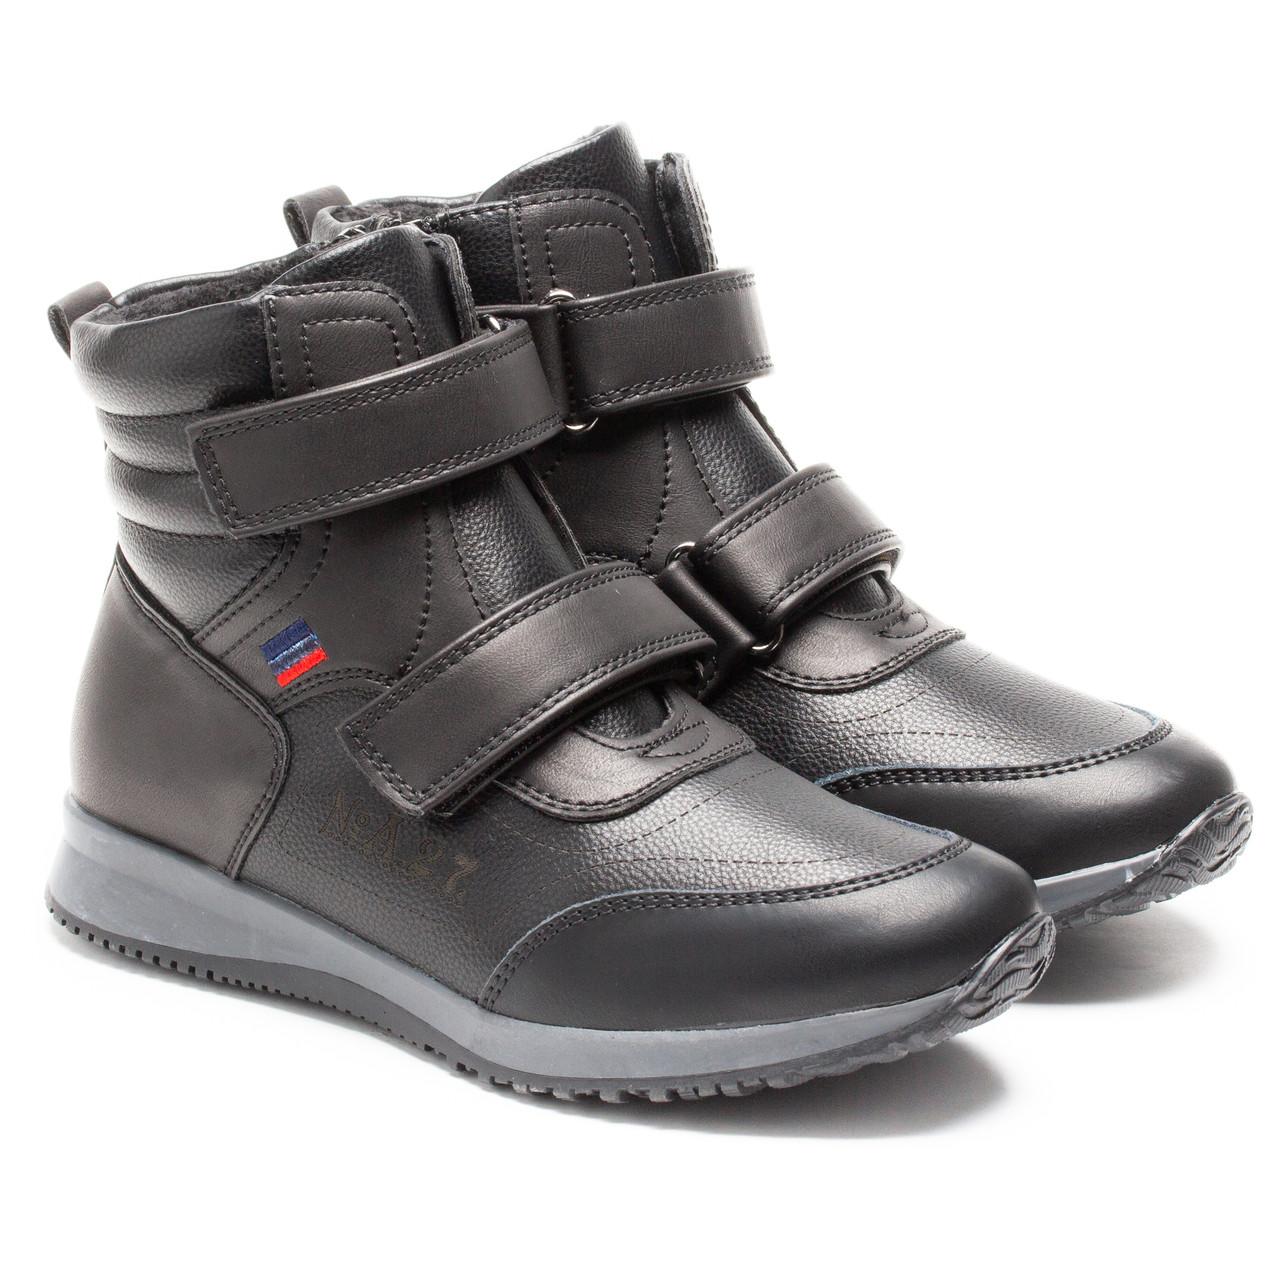 4b3b32efd Подростковые демисезонные ботинки для мальчика ТМ